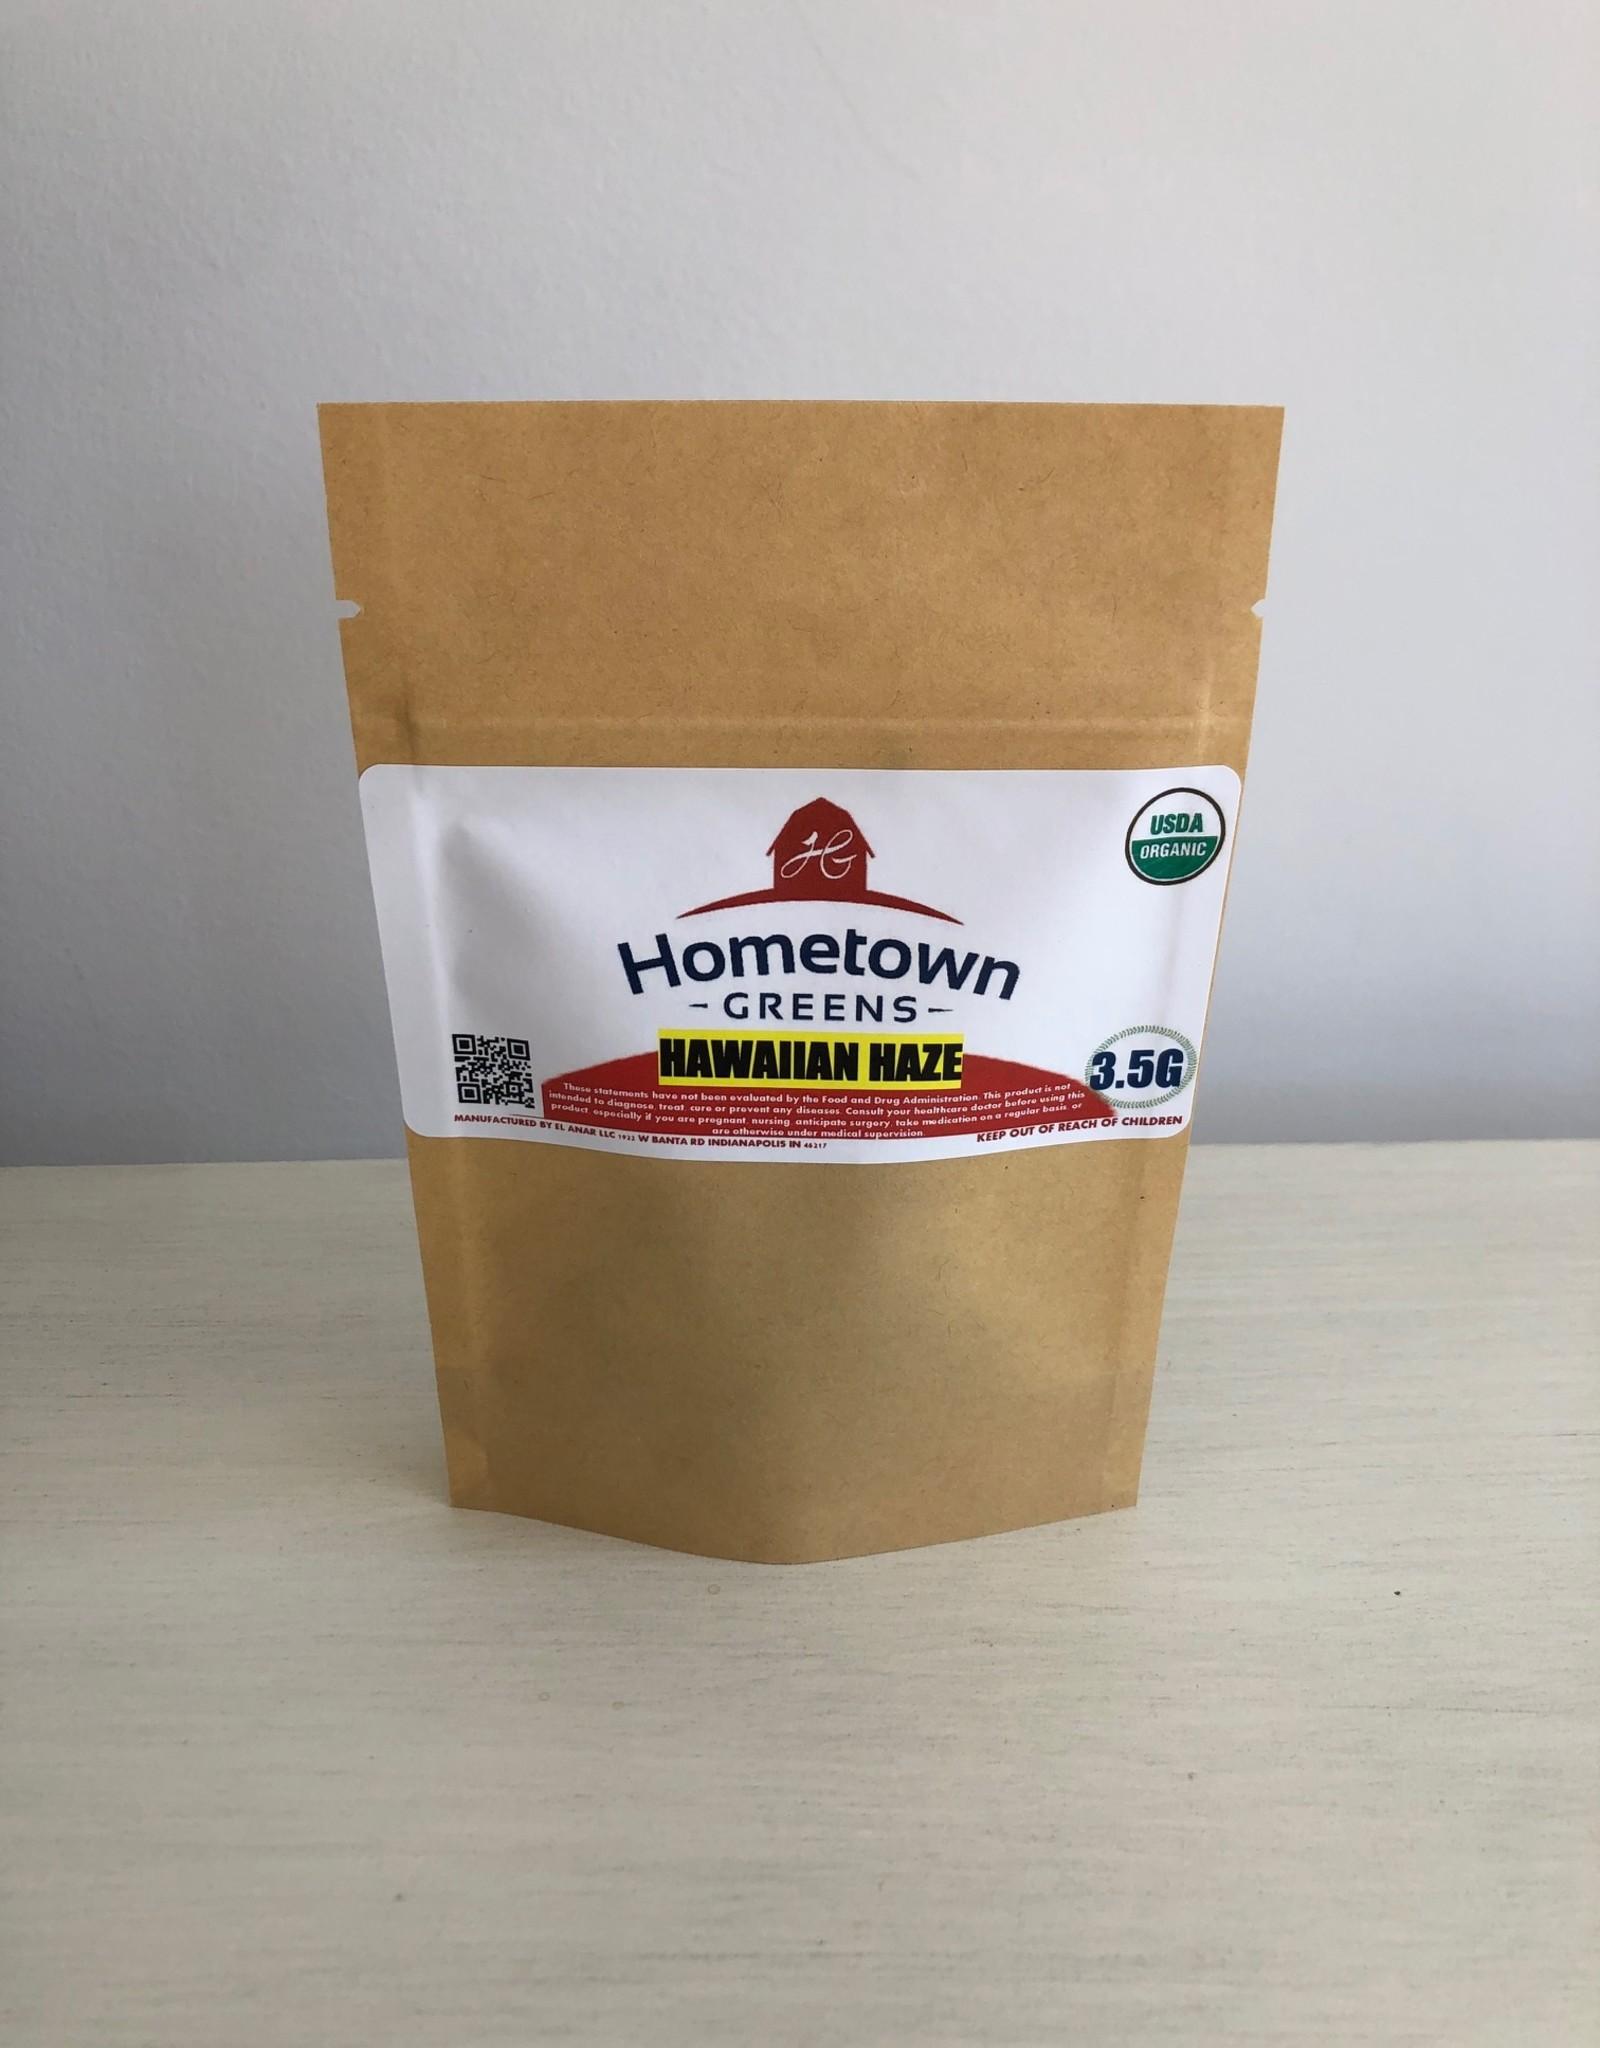 Hometown Greens Hawaiian Haze Flower - 3.5g